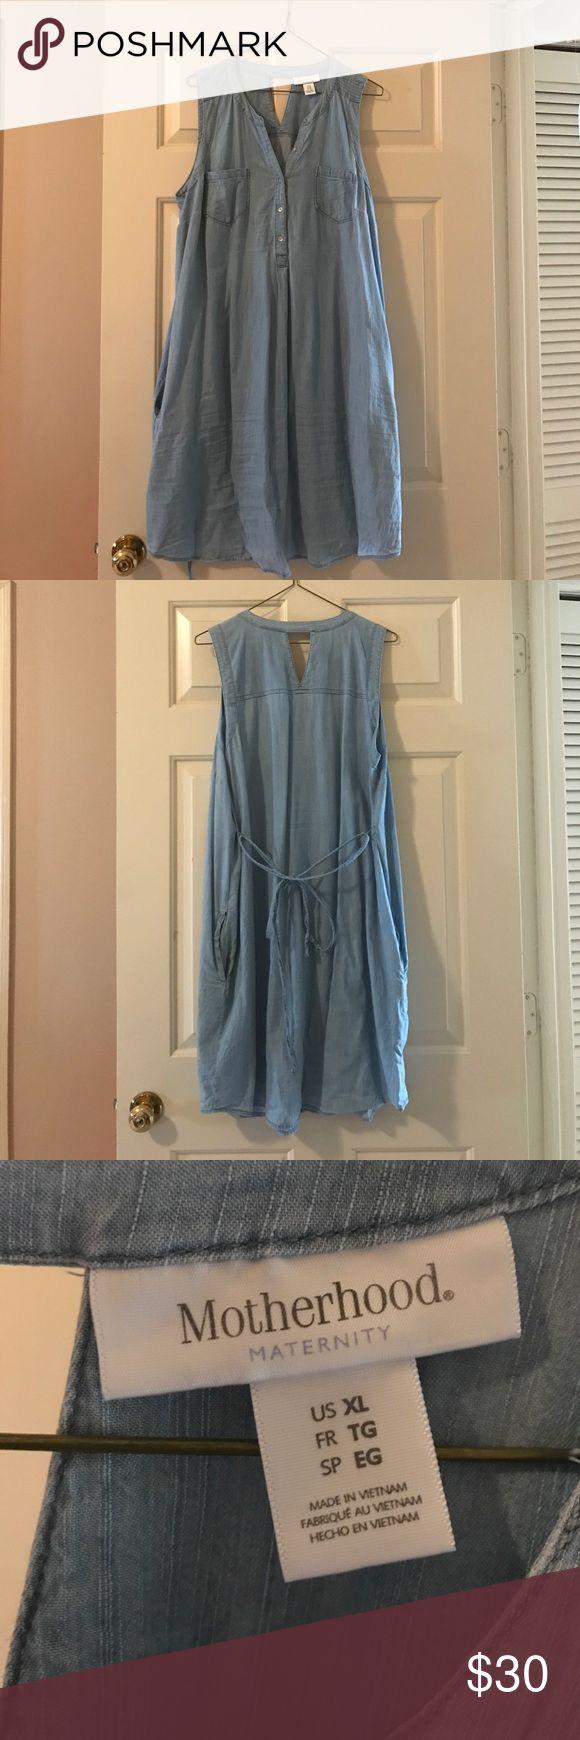 Mer enn 25 bra ideer om denim maternity dresses p pinterest blue denim maternity dress ombrellifo Choice Image